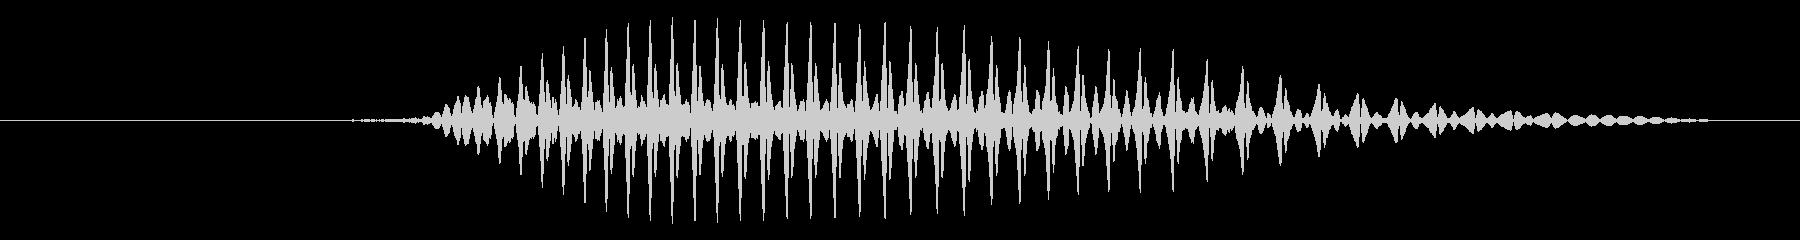 鳴き声 男性ため息熟考04の未再生の波形